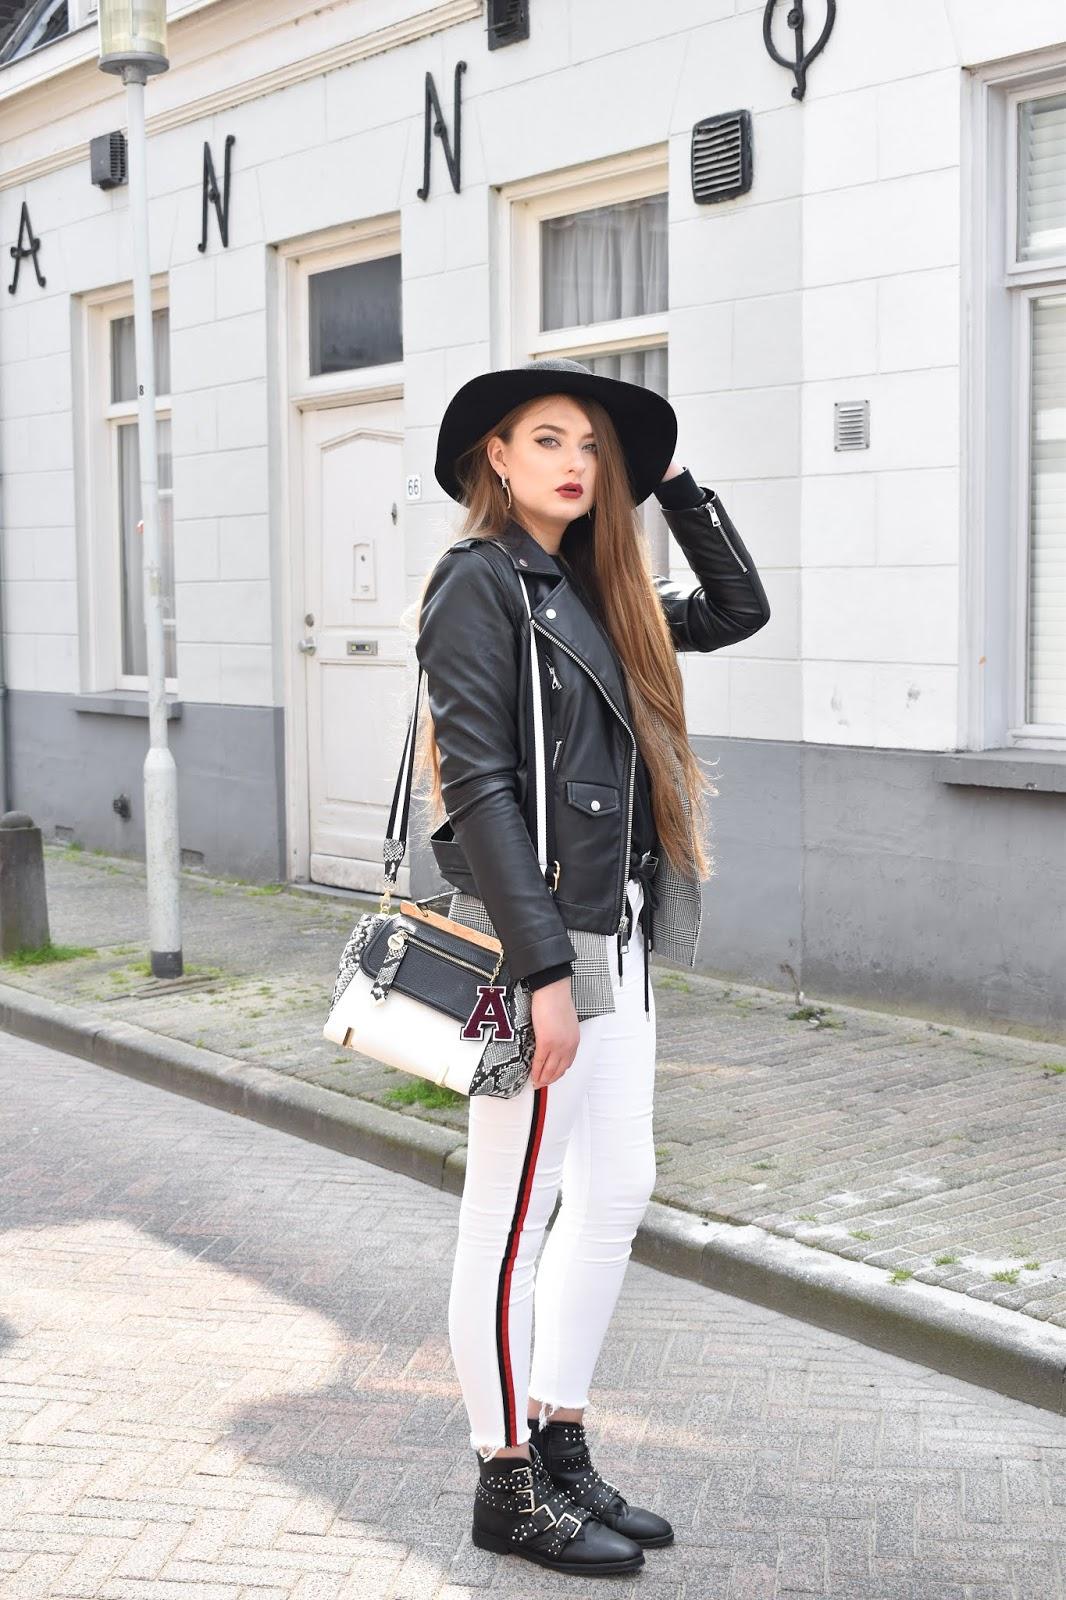 białe spodnie stylizacje 2019